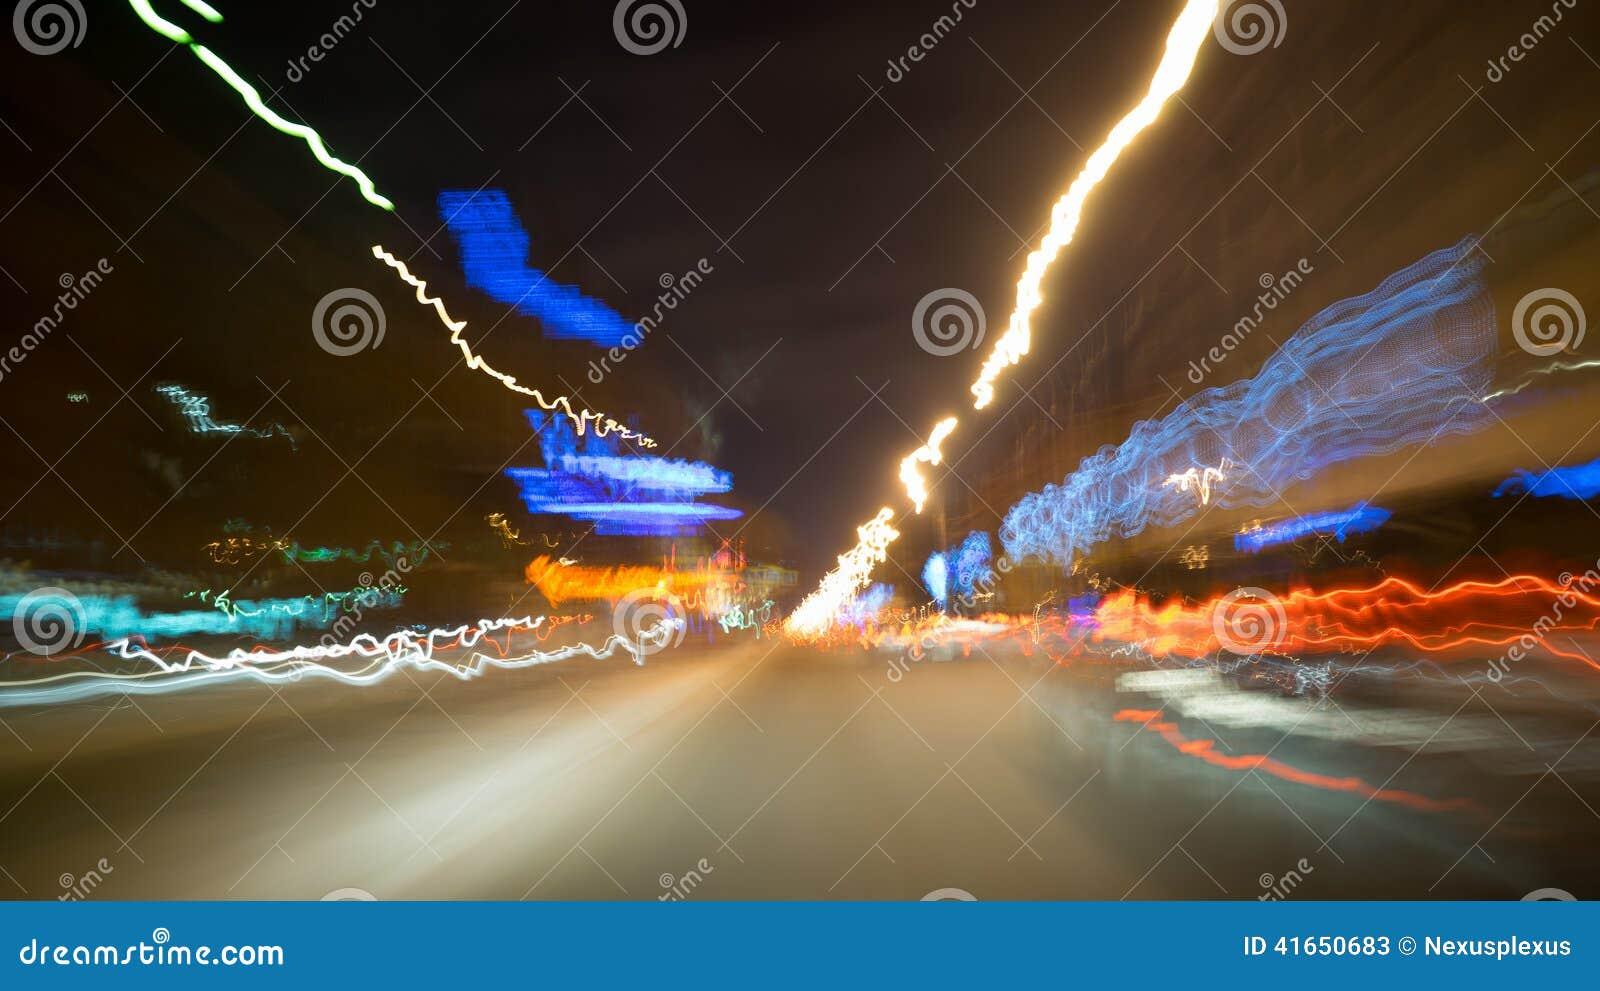 ночи latvia города рождества сказ fairy захолустный скоро подобный к